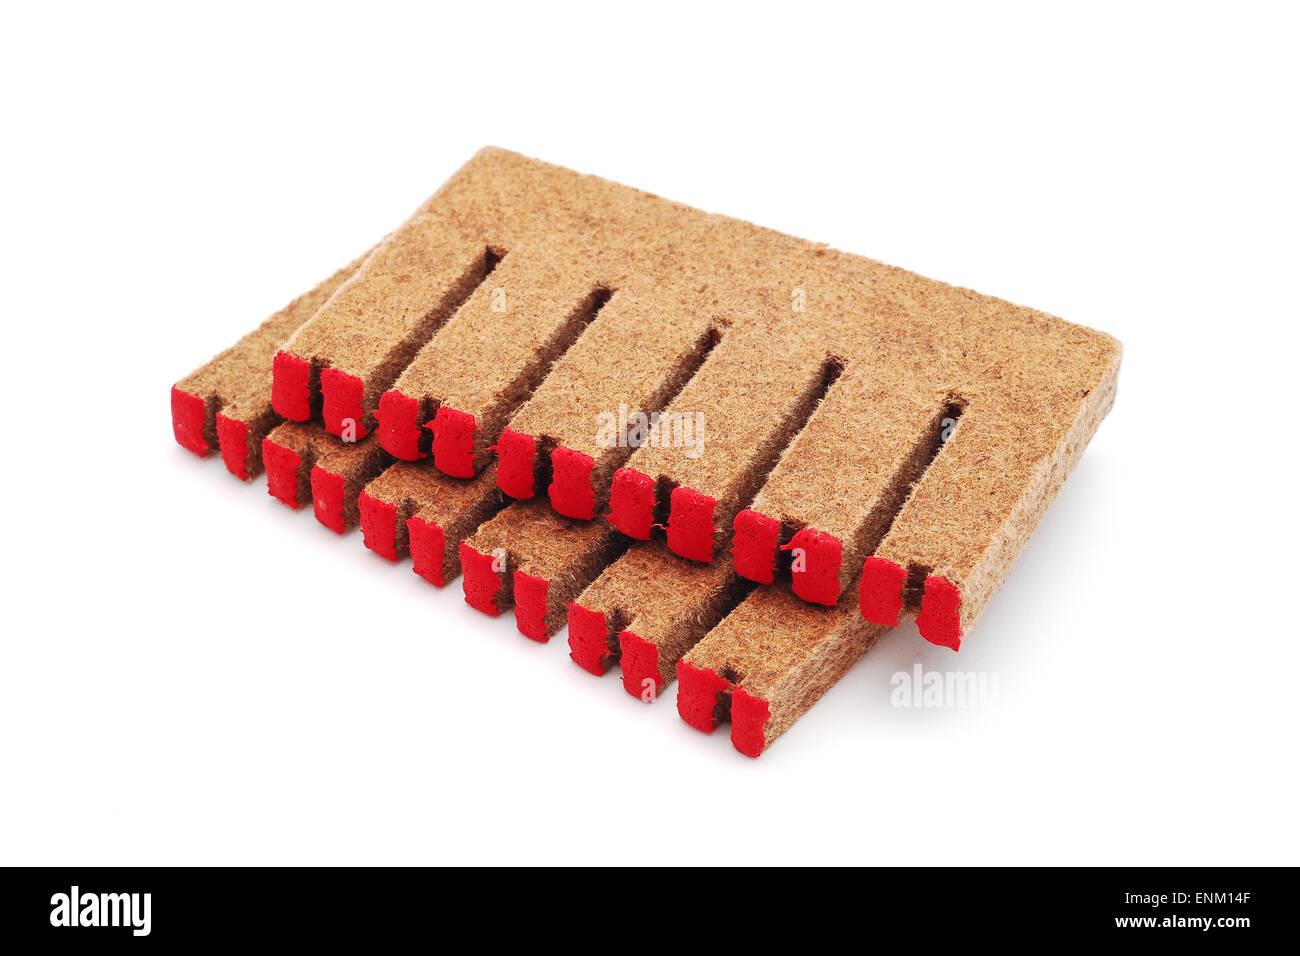 long burning matches on white - Stock Image